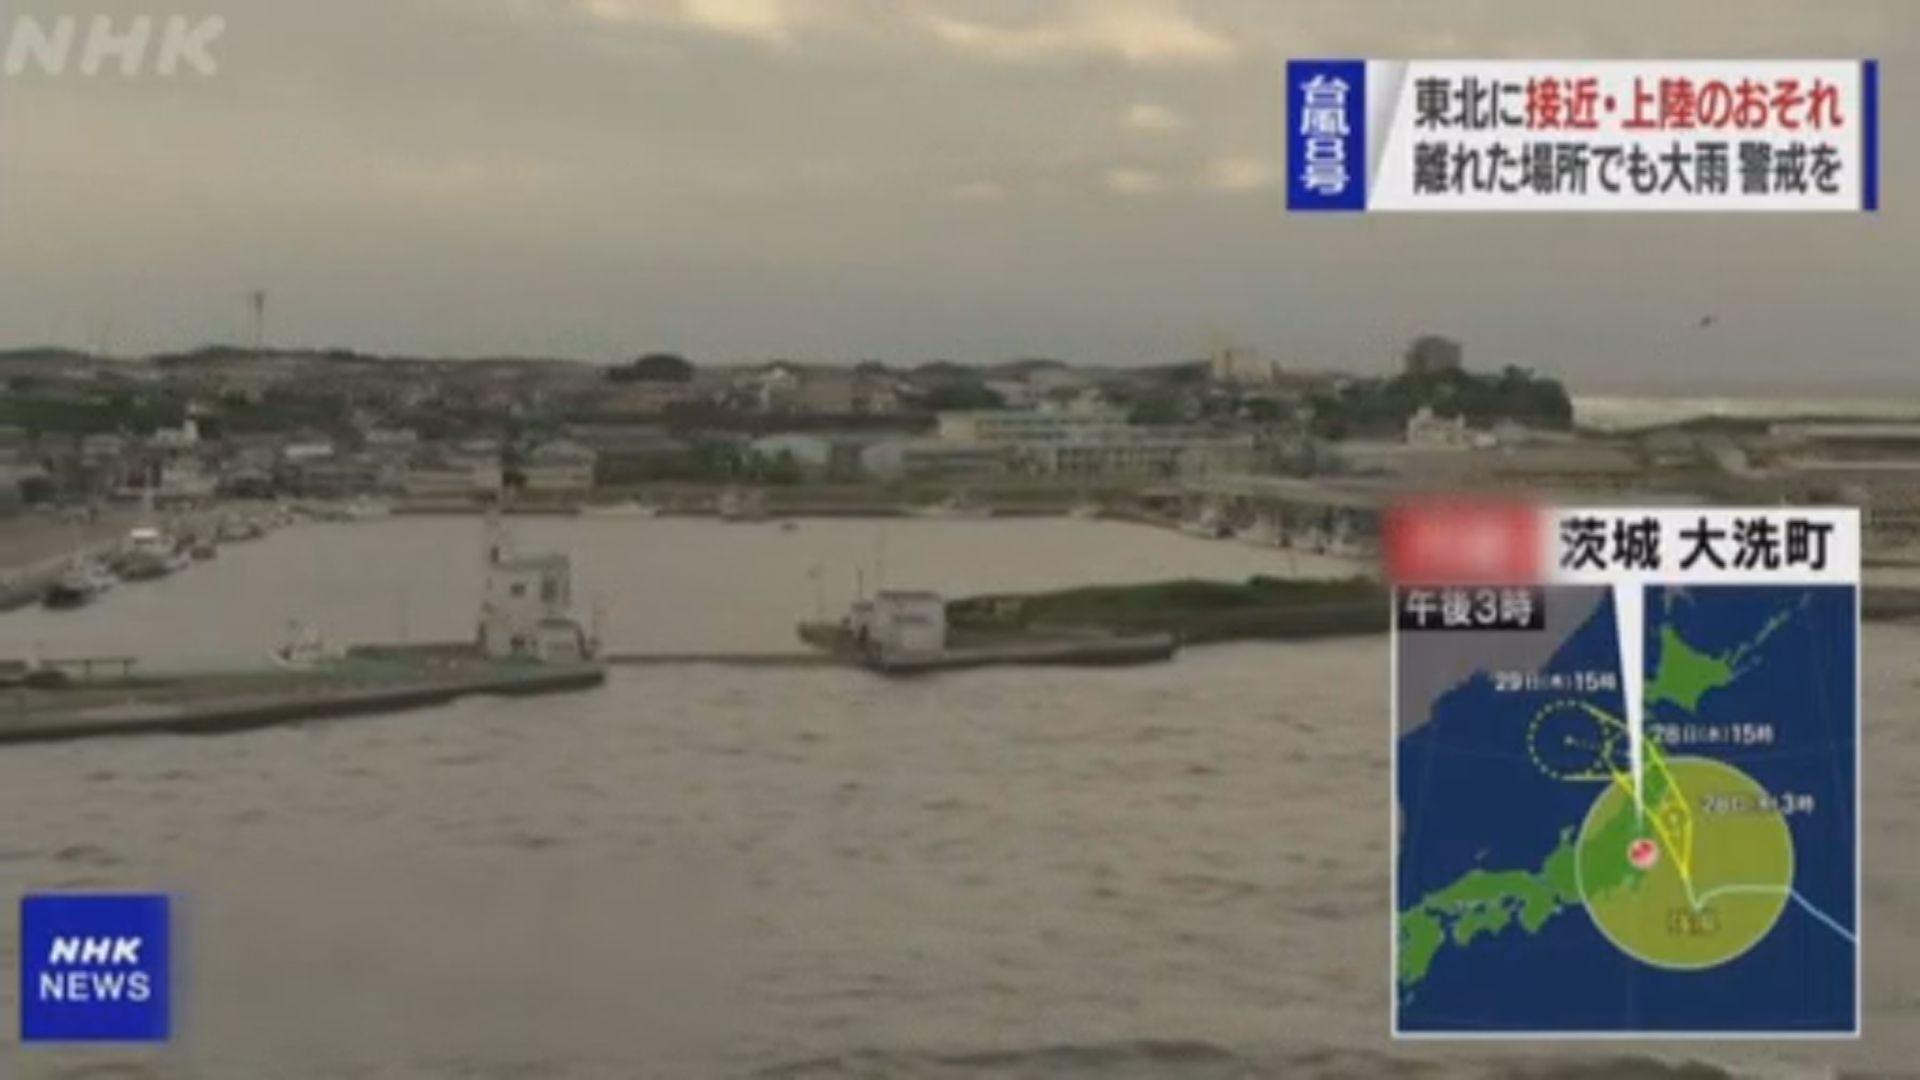 熱帶風暴尼伯特逼近日本東北部 部分奧運賽事改期